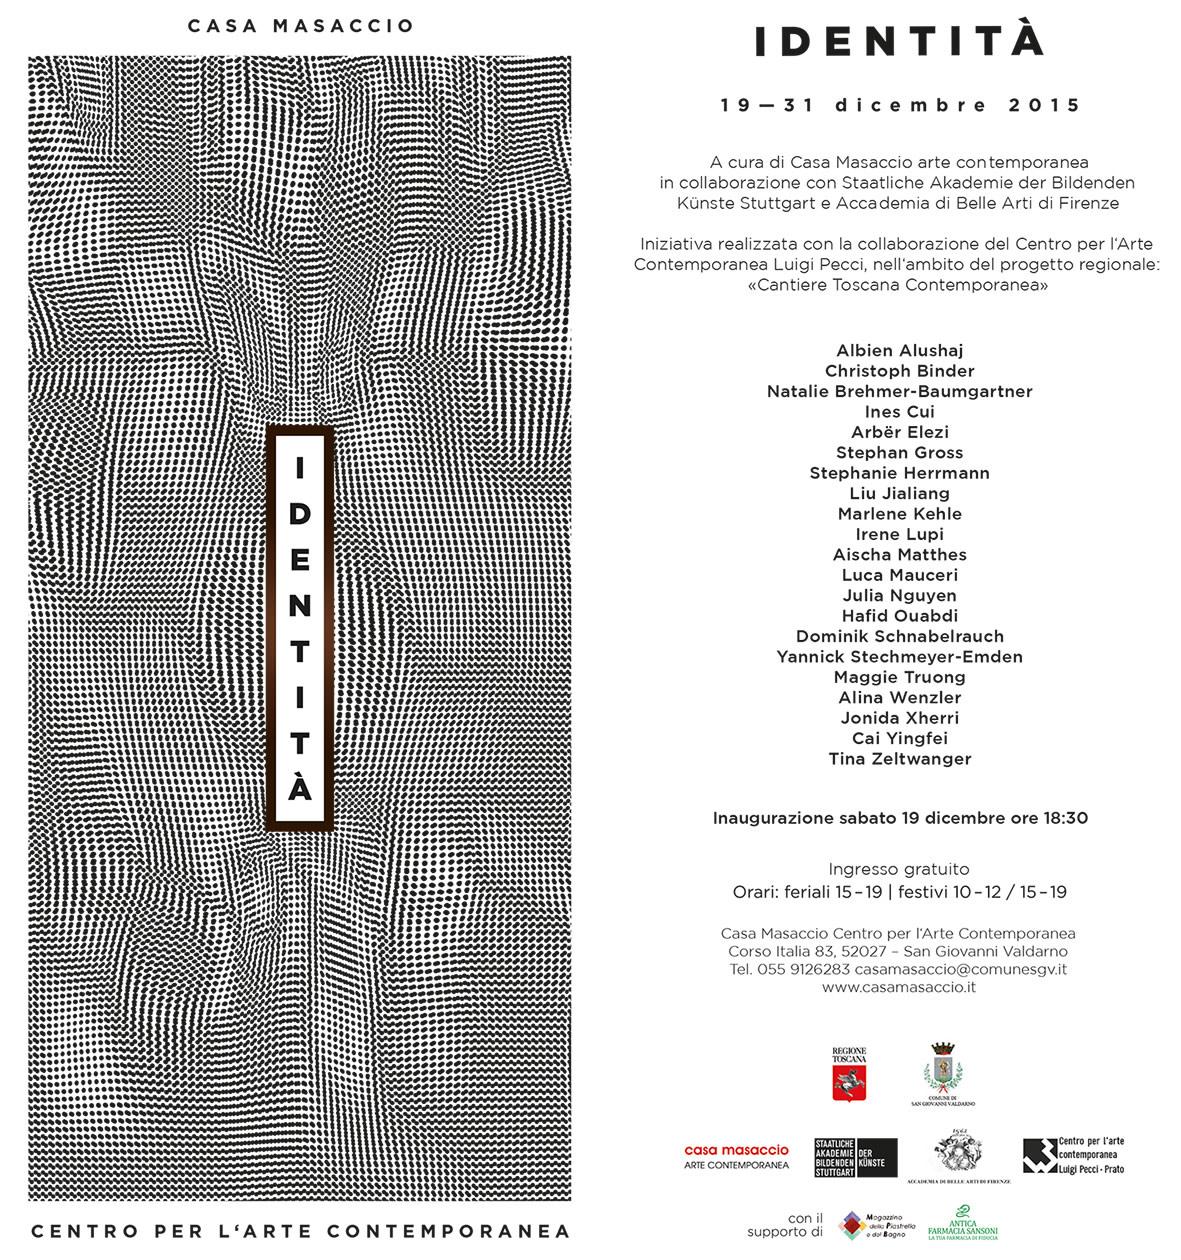 Flyer Identita